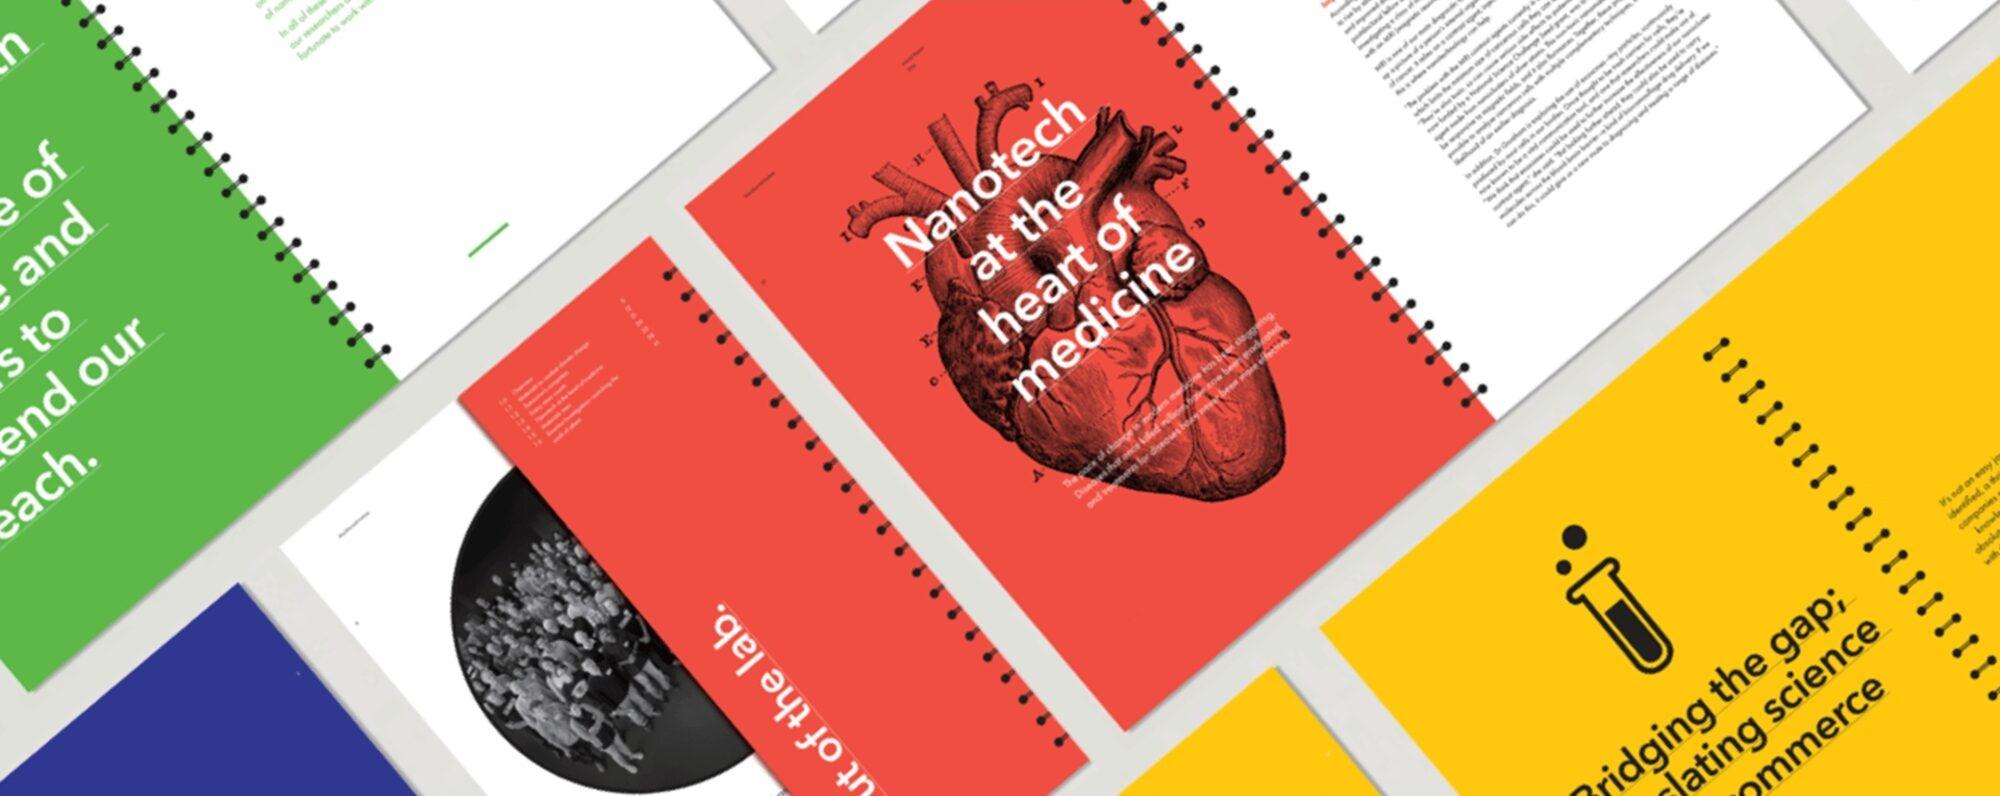 Annual reports dave clark design 2x